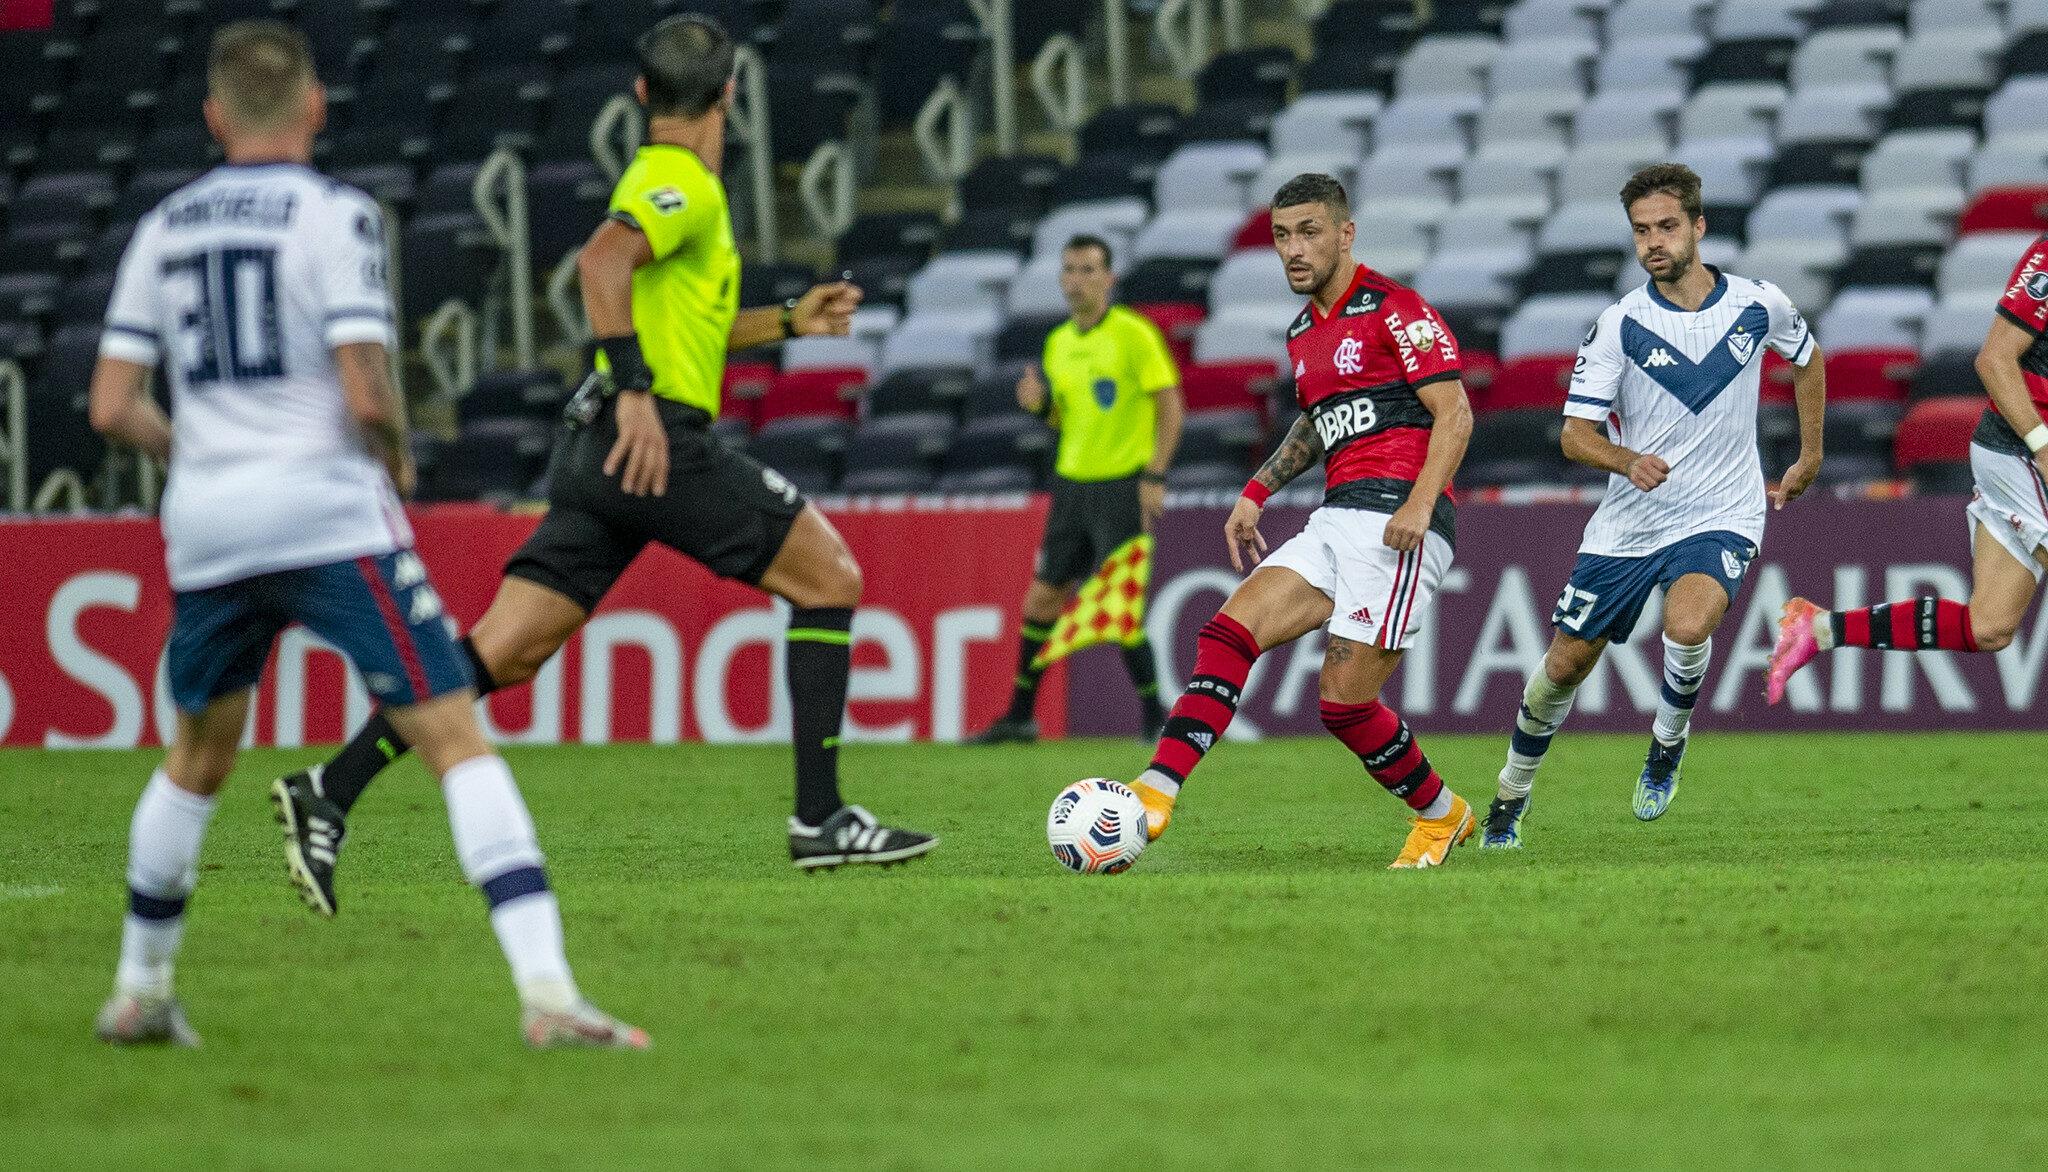 Análise: Flamengo não tem dedo do técnico. Quando tem, é o podre